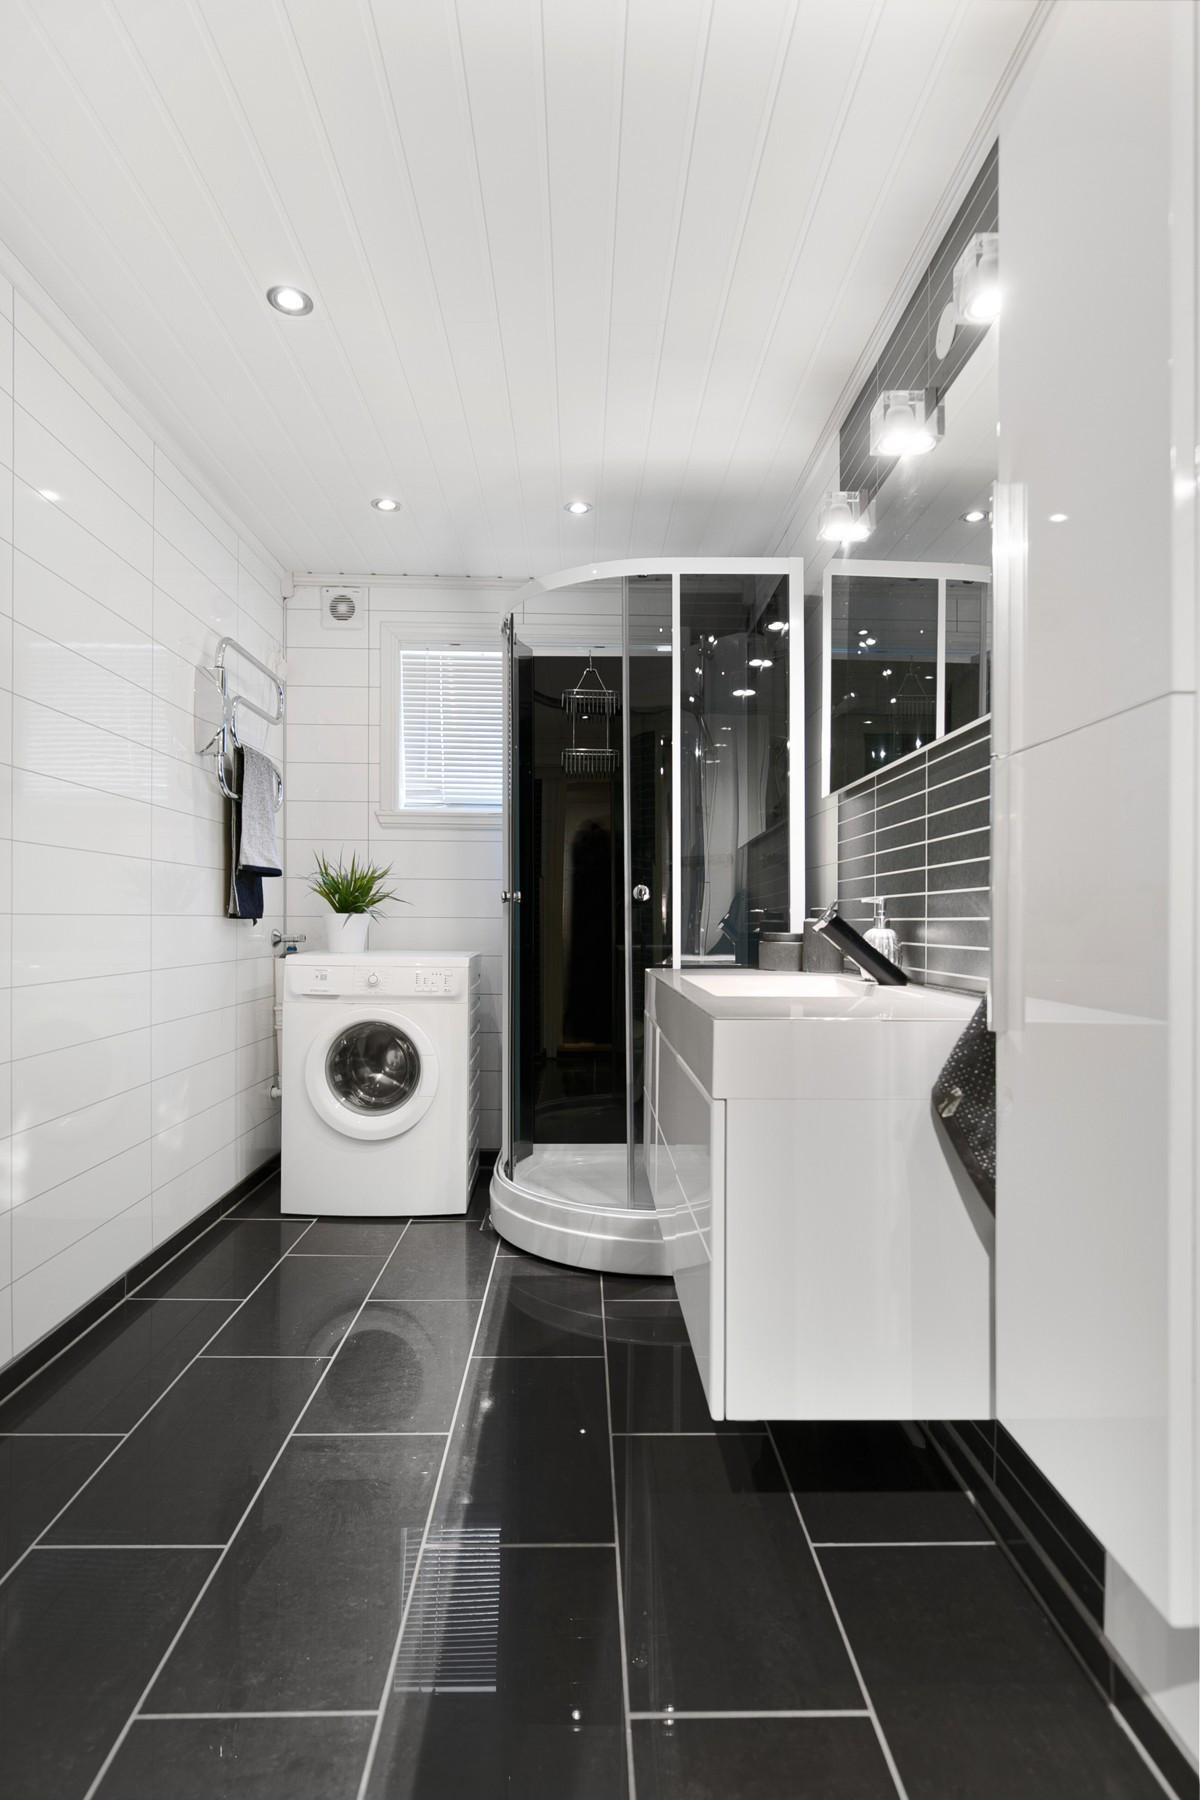 Baderommet gir god plass for vaskmaskin/tørketrommel